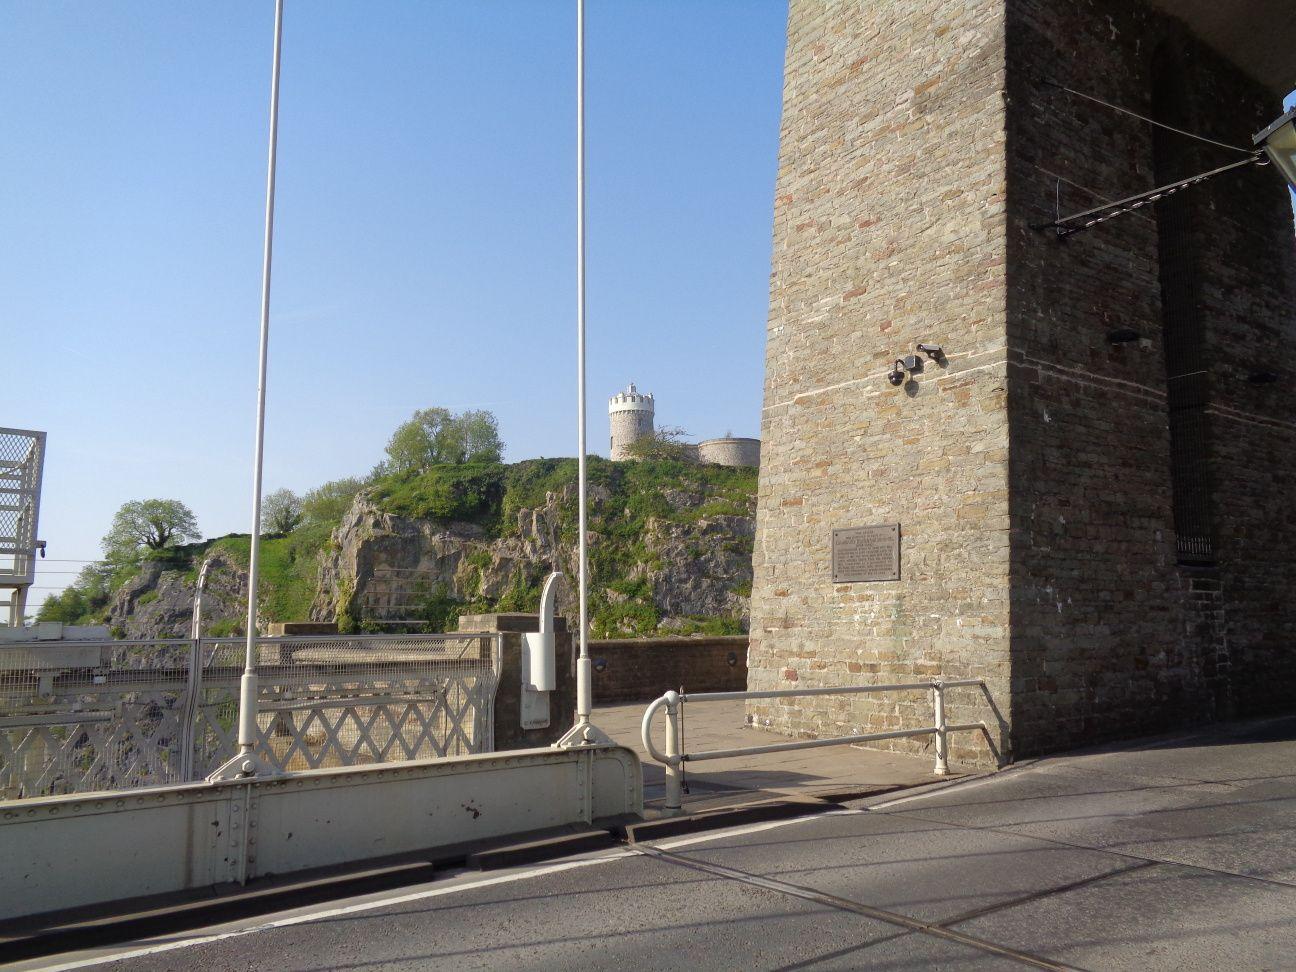 Bristol - Le pont suspendu de Clifton et quelques fresques